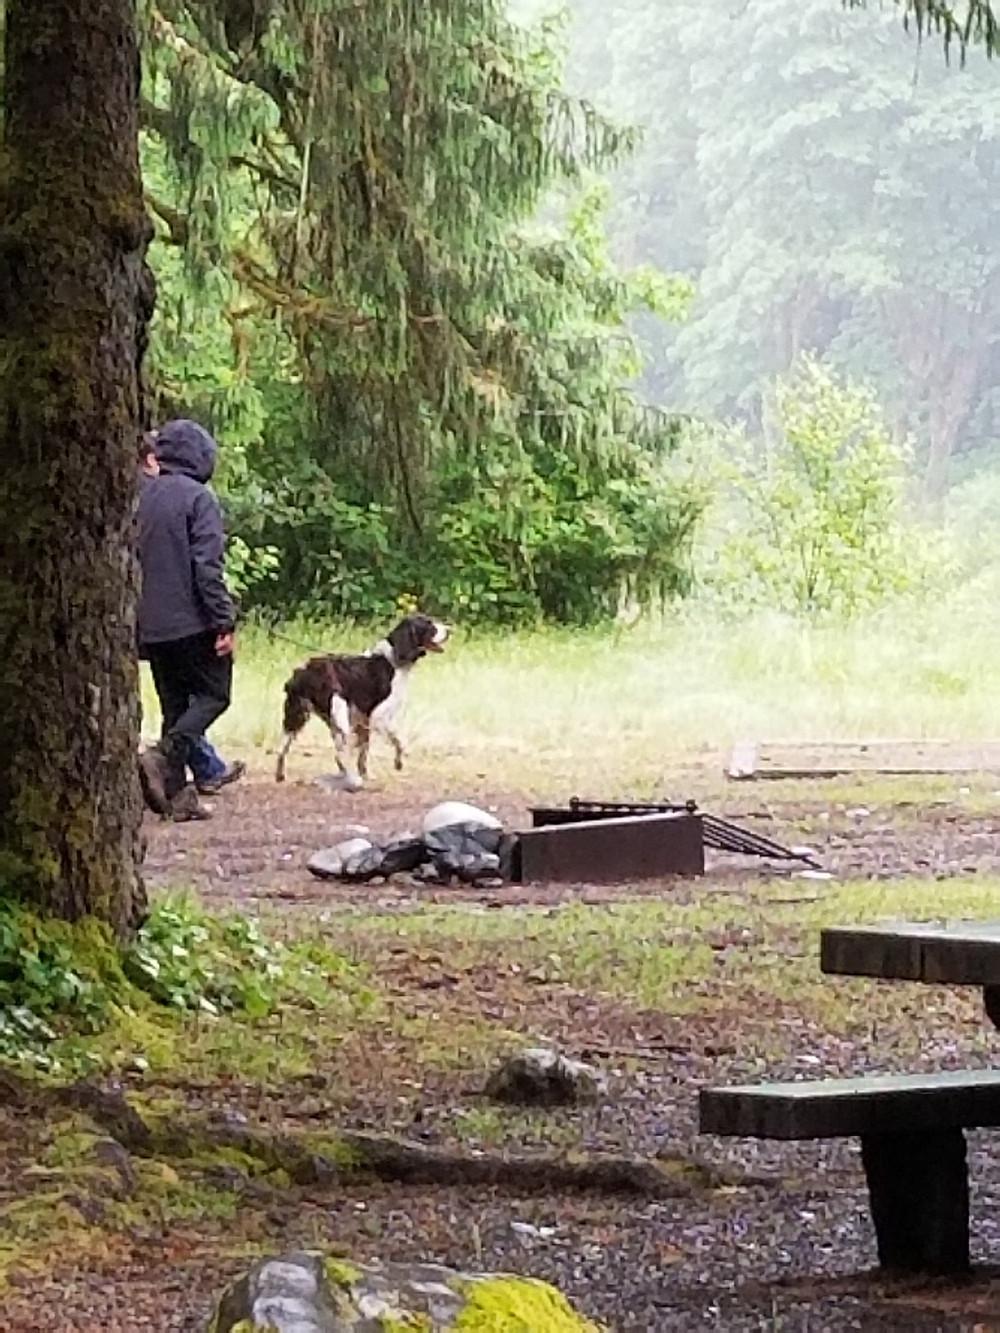 Dog in Campround